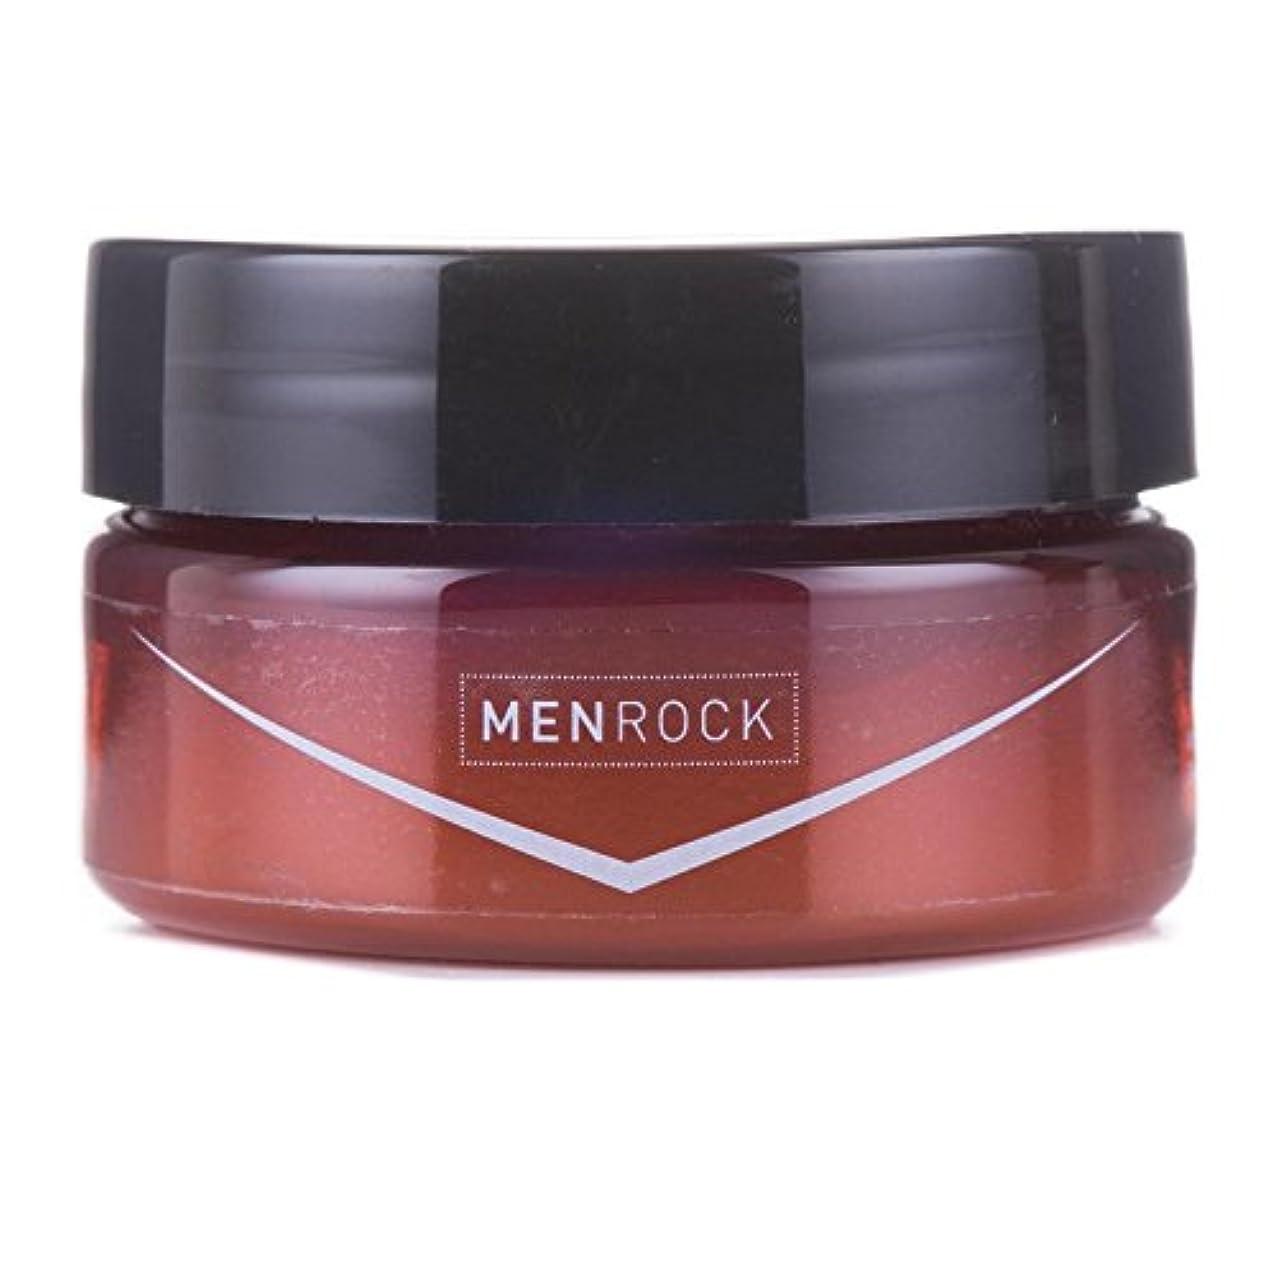 床を掃除する絶え間ない移植男性の岩白檀口ひげワックス x4 - Men Rock Sandalwood Moustache Wax (Pack of 4) [並行輸入品]